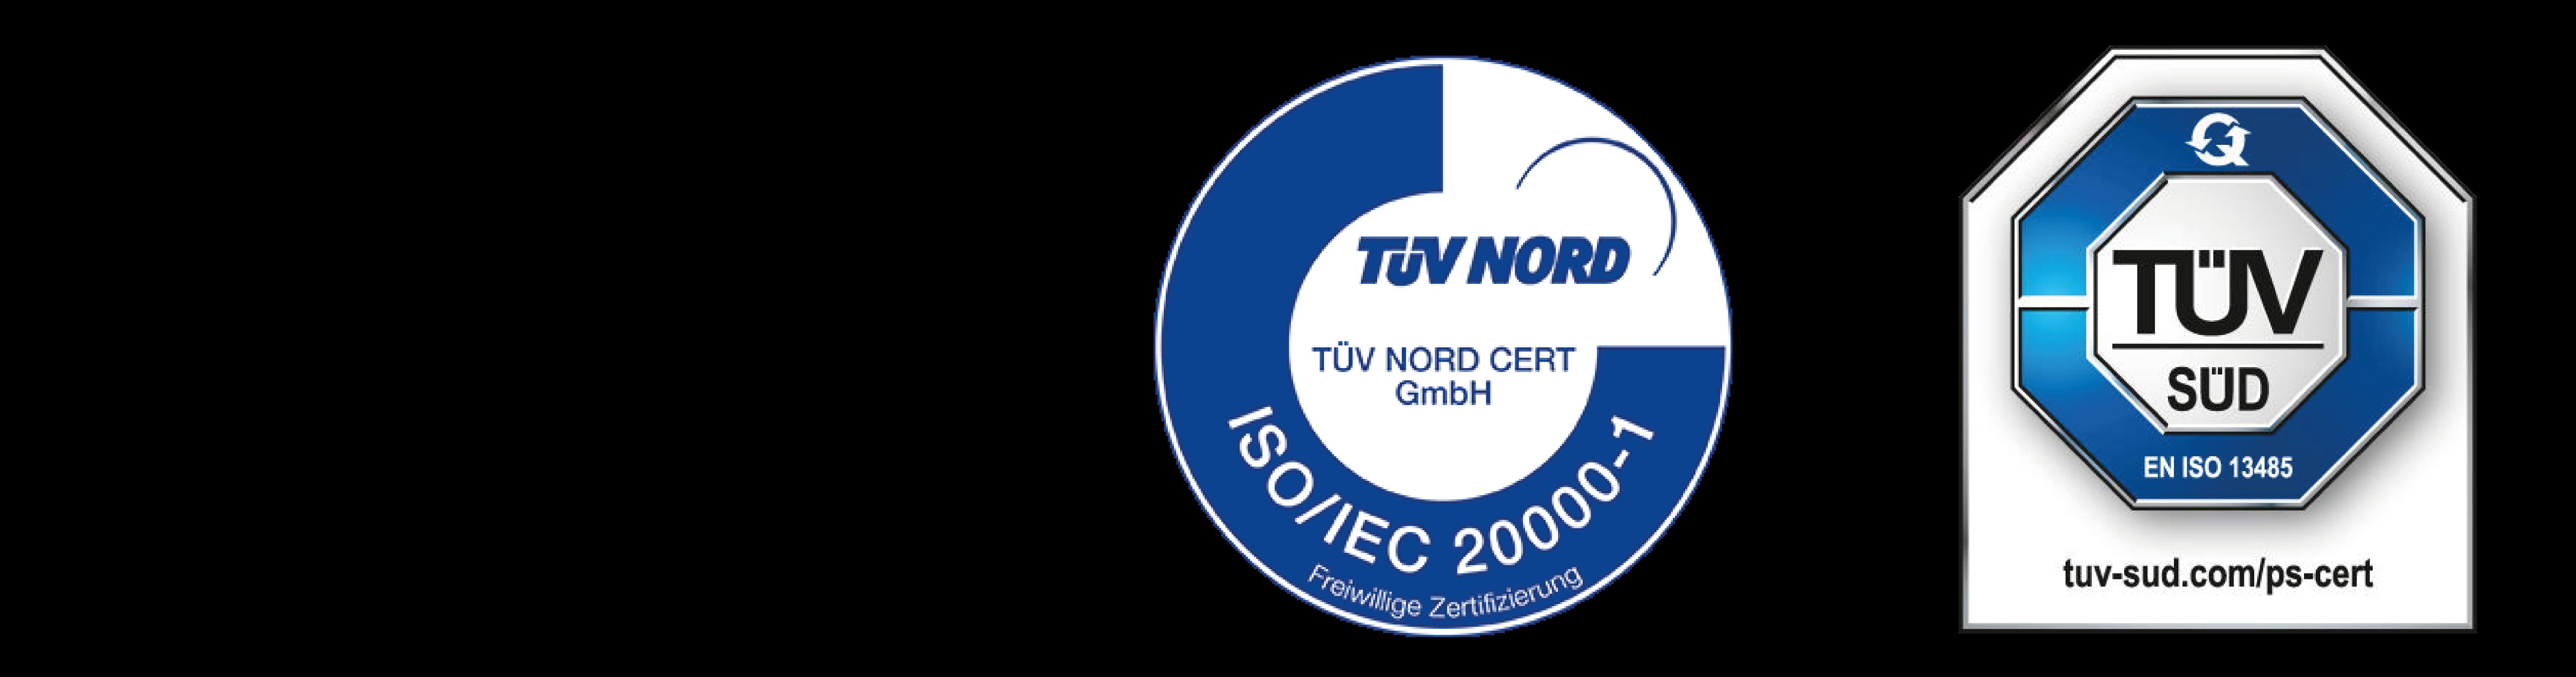 Website Logos TÜV CE_Zeichenfläche 1